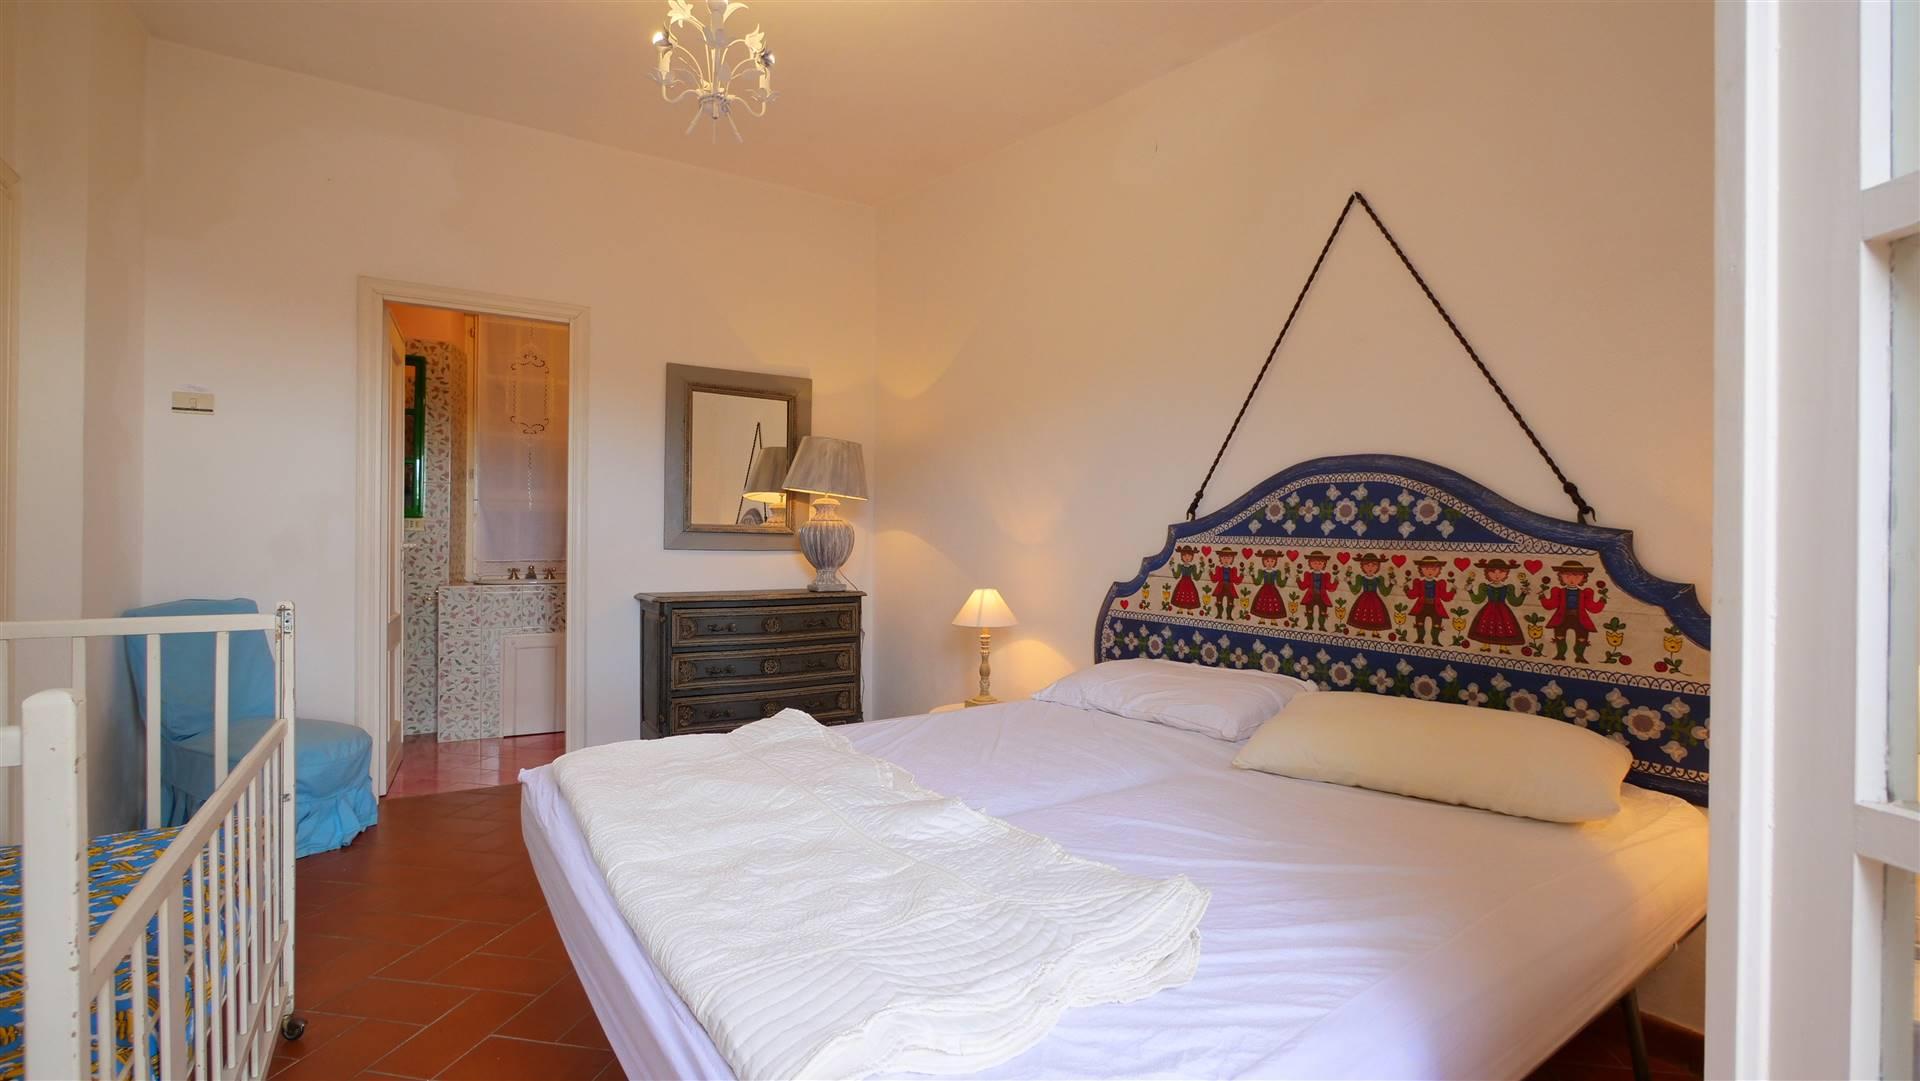 Appartamento in vendita a Levanto, 6 locali, zona Zona: Pastine, prezzo € 220.000 | CambioCasa.it